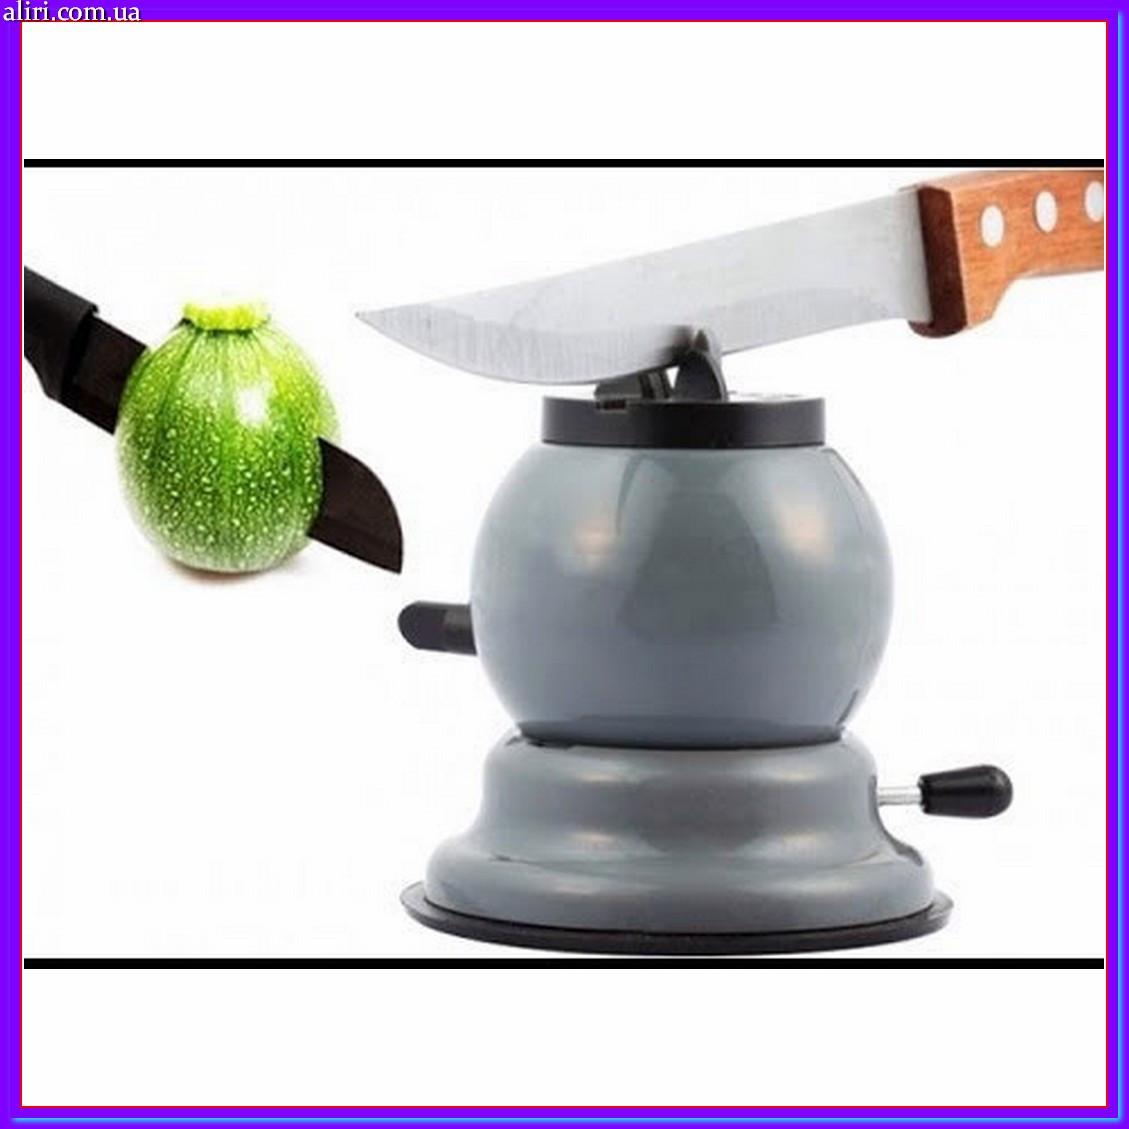 Точилка для ножей Samurai Pro с вакуумным крепежом